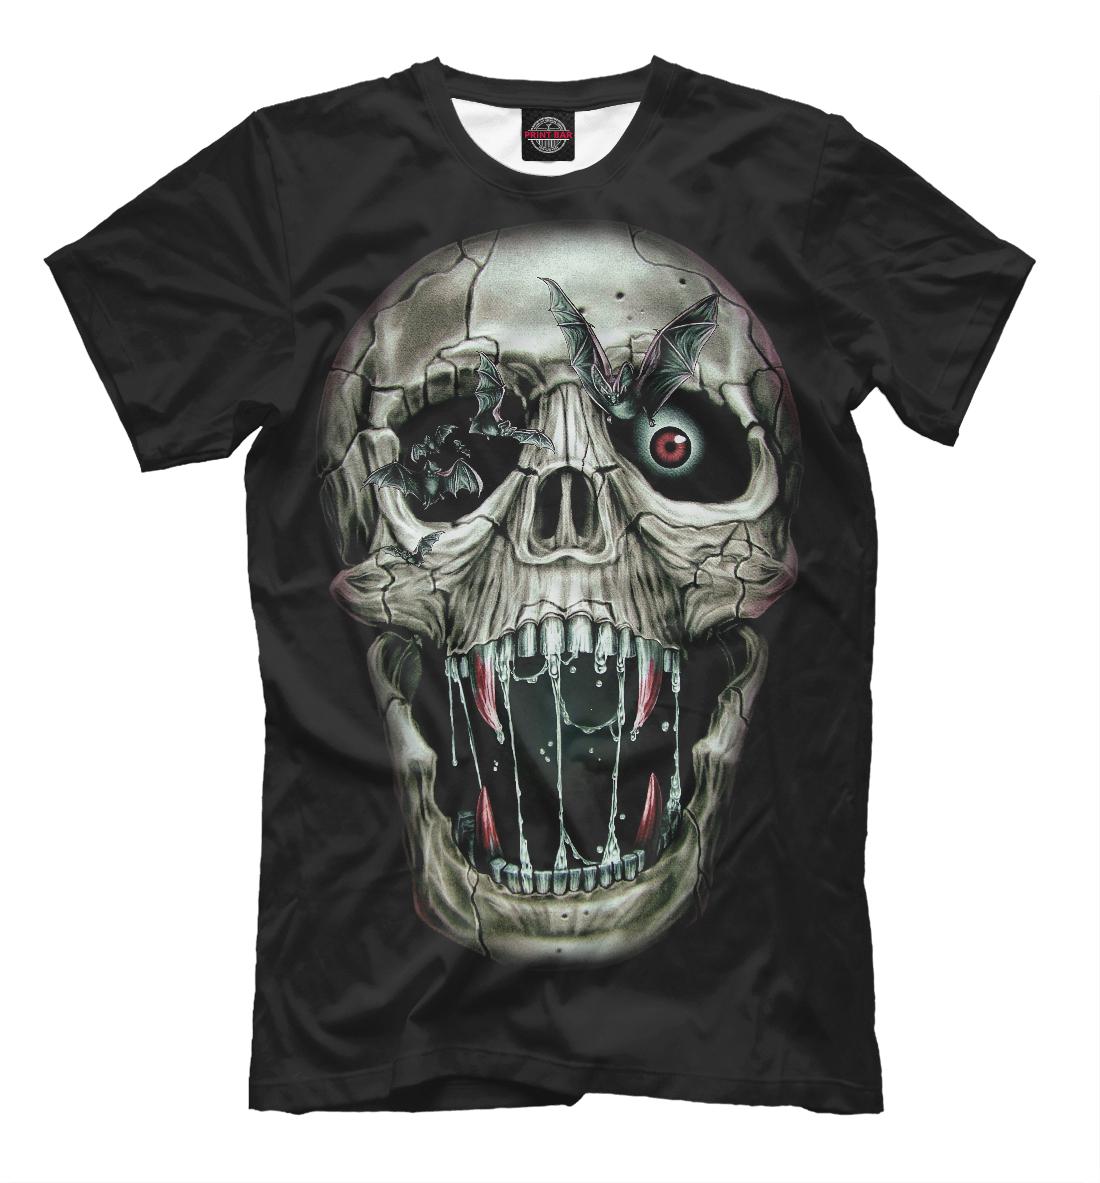 картинки для футболок с черепами